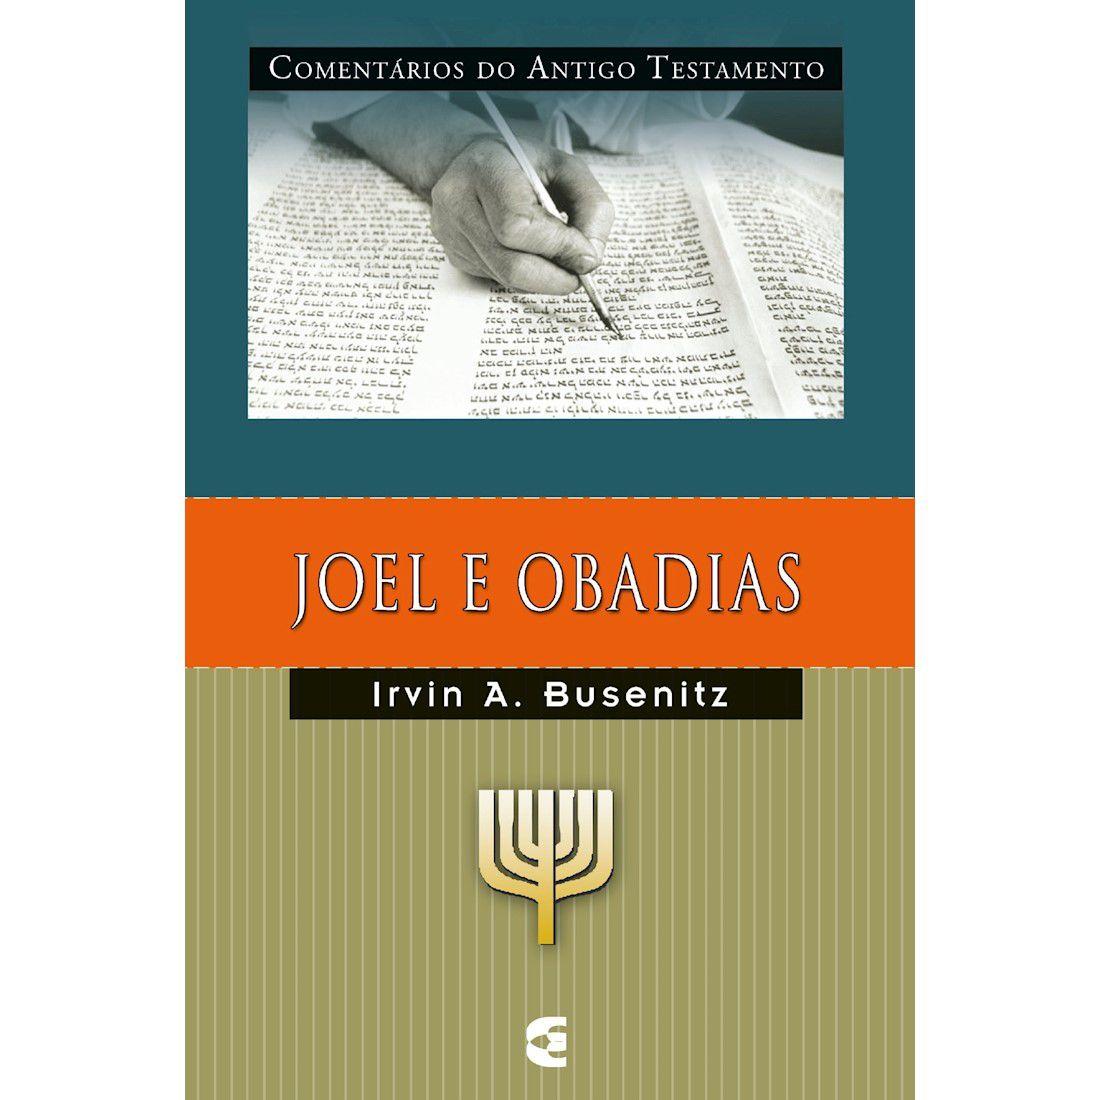 Livro Joel e Obadias